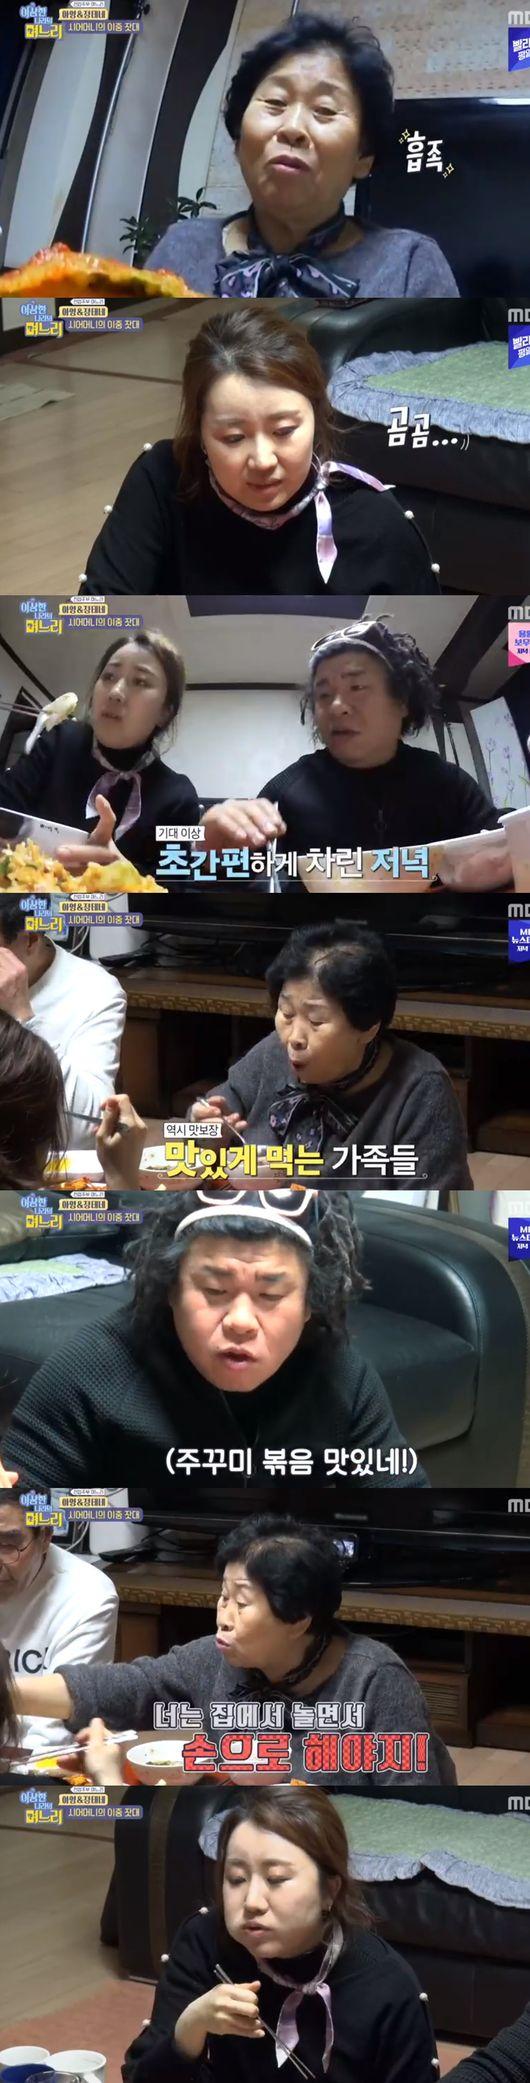 이상한 나라의 며느리 백아영 시어머니 딸 vs. 며느리, 음식 초대? 이중잣대[종합]